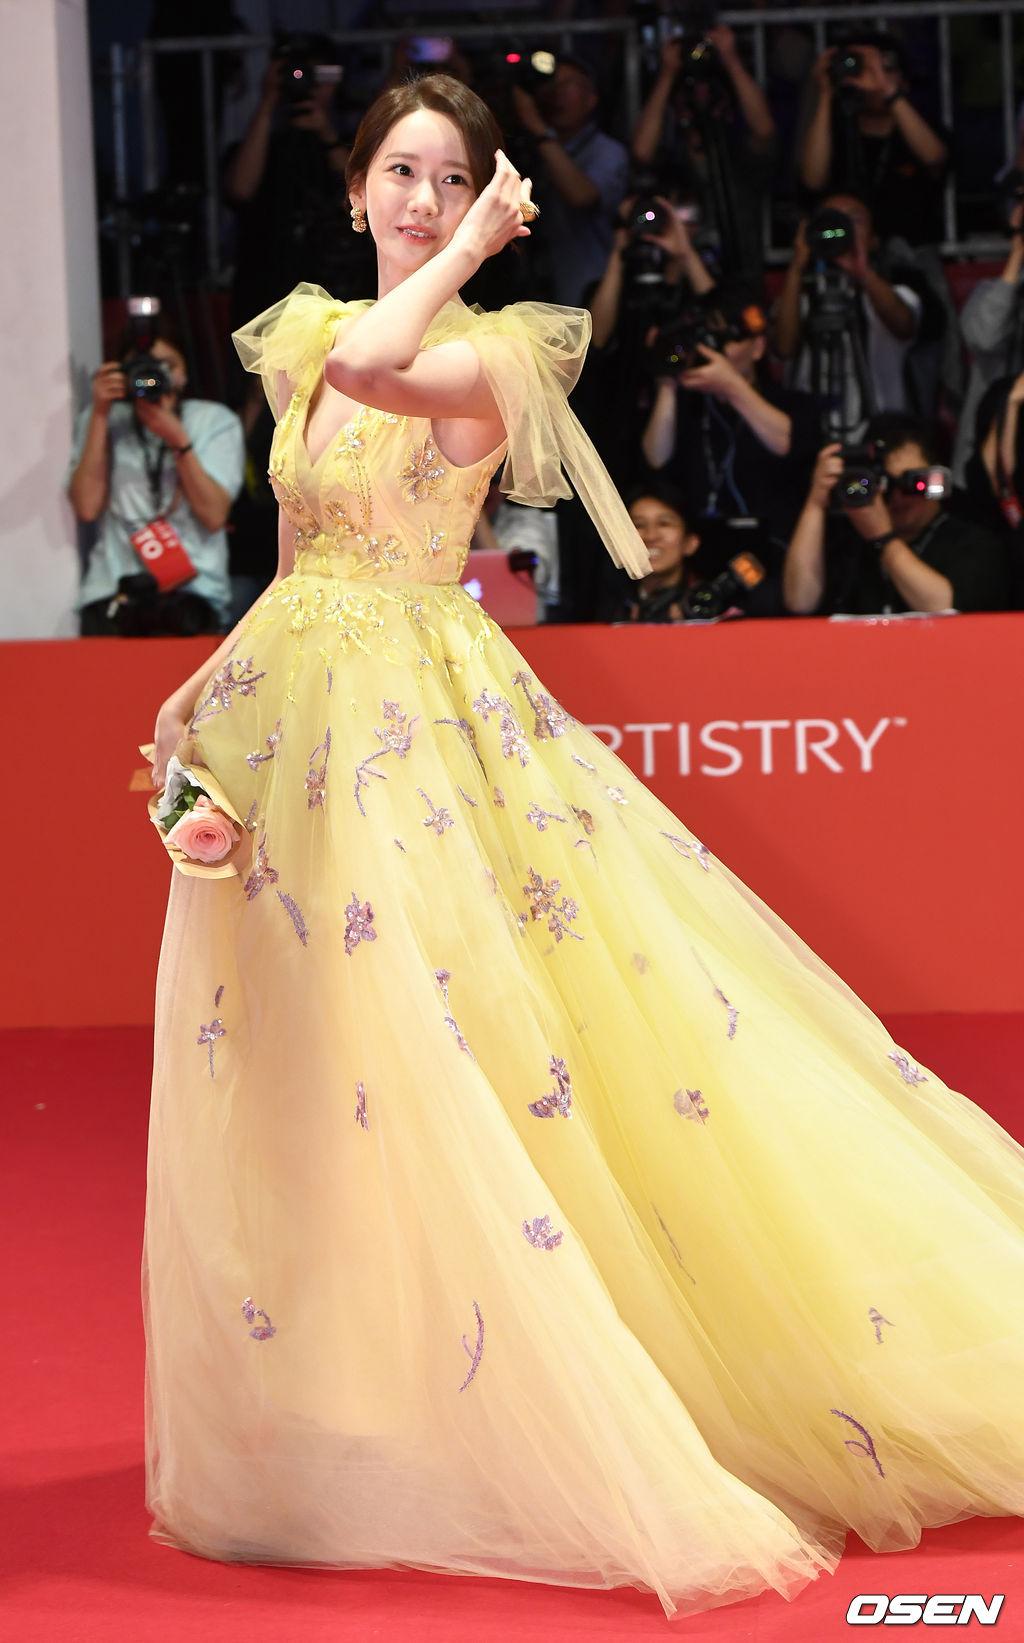 韩国女神林允儿的系列完美礼服 颁奖典礼上比以往更耀眼